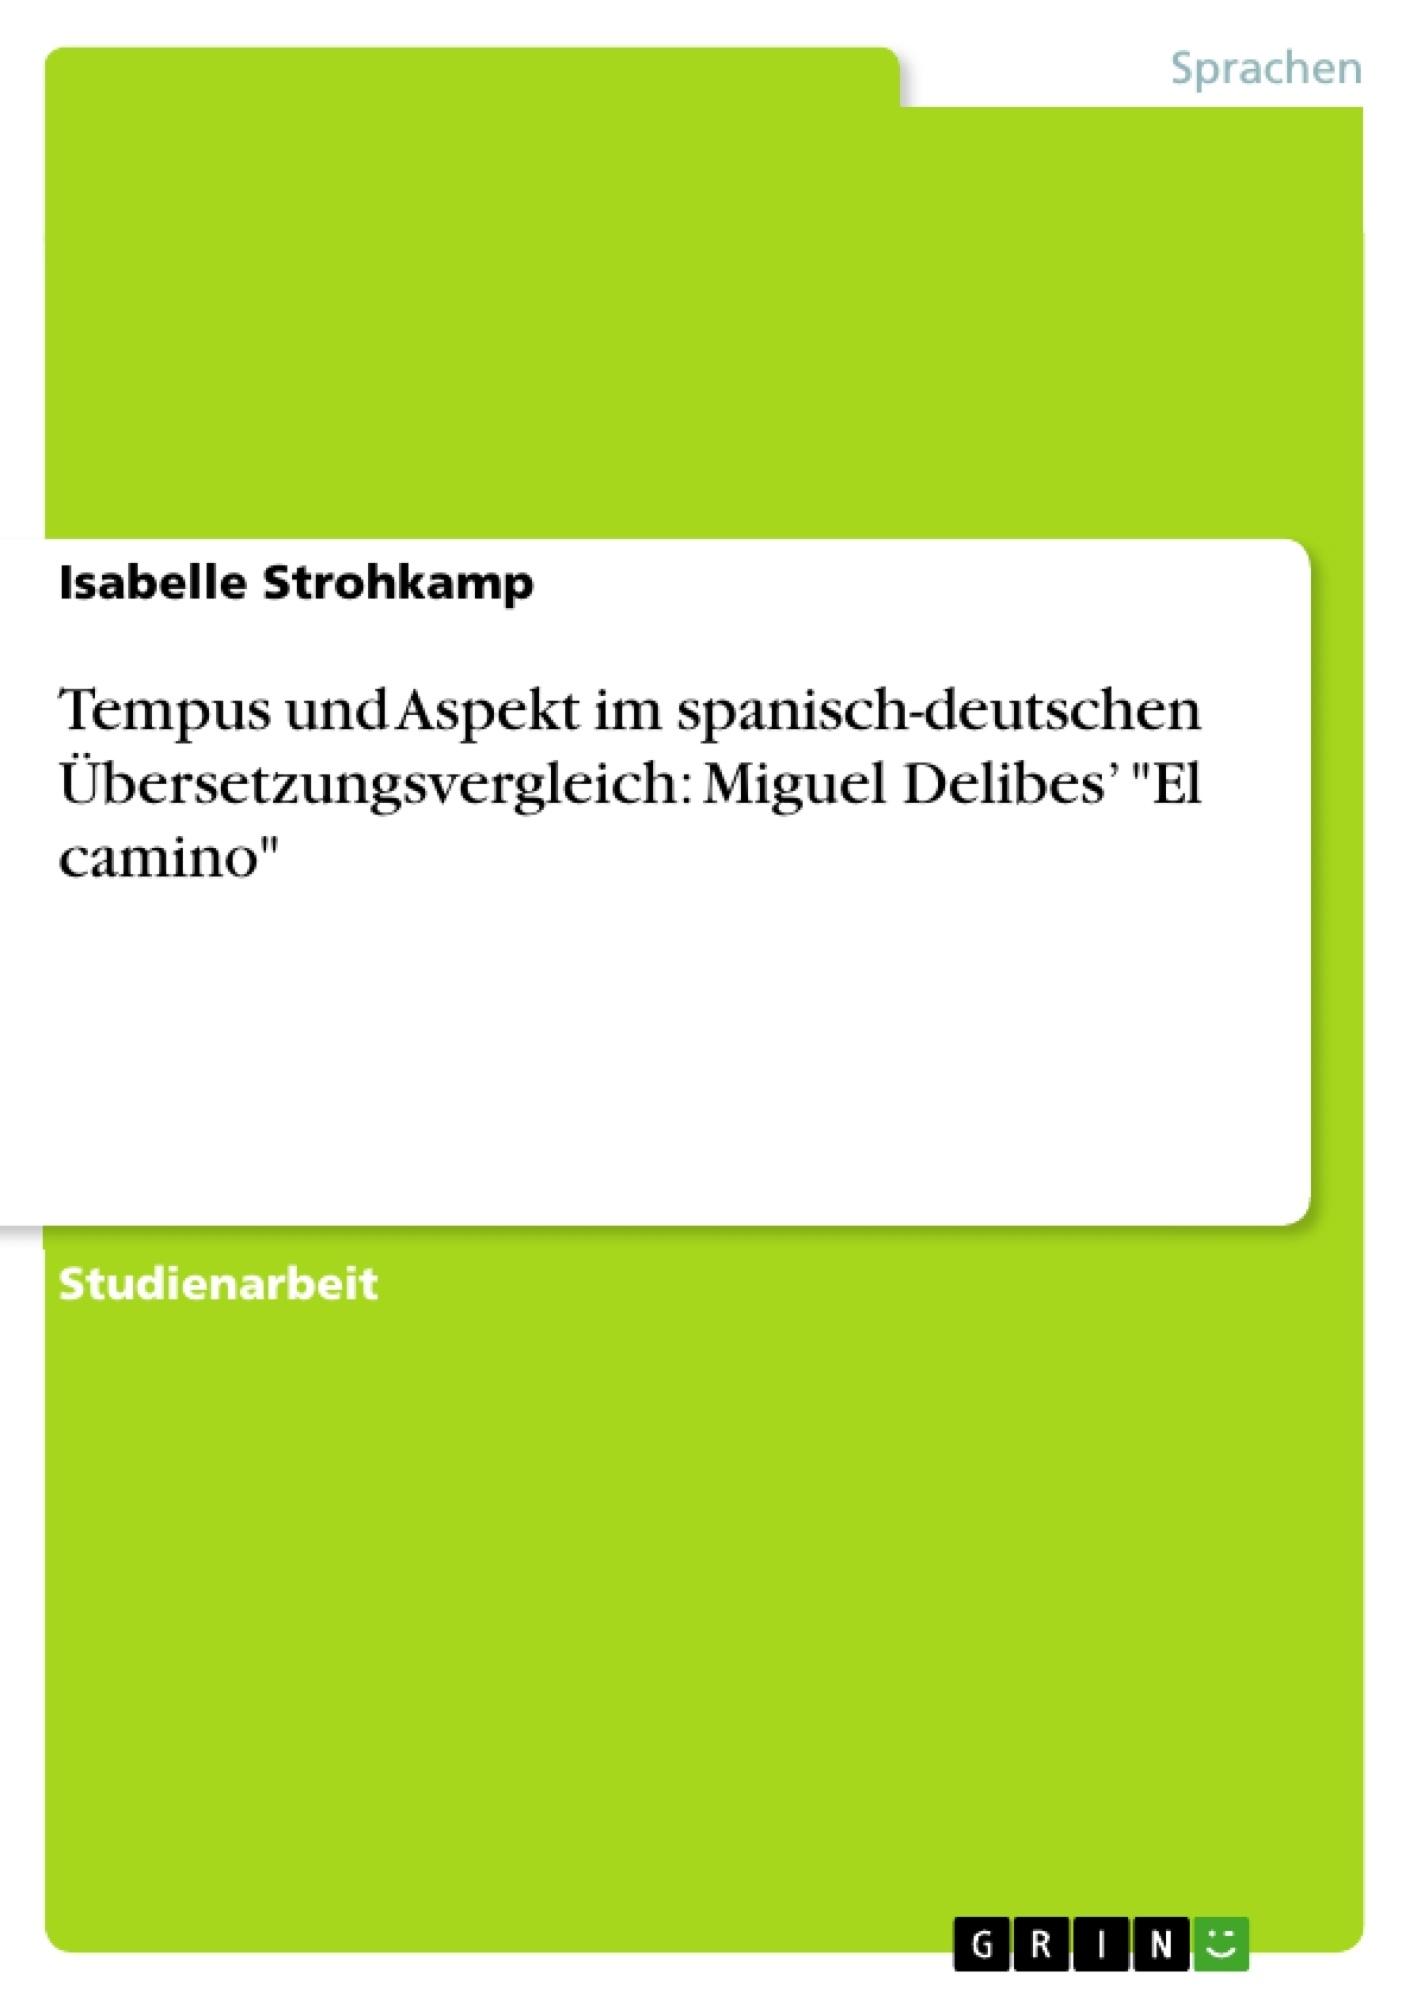 """Titel: Tempus und Aspekt im spanisch-deutschen Übersetzungsvergleich: Miguel Delibes' """"El camino"""""""